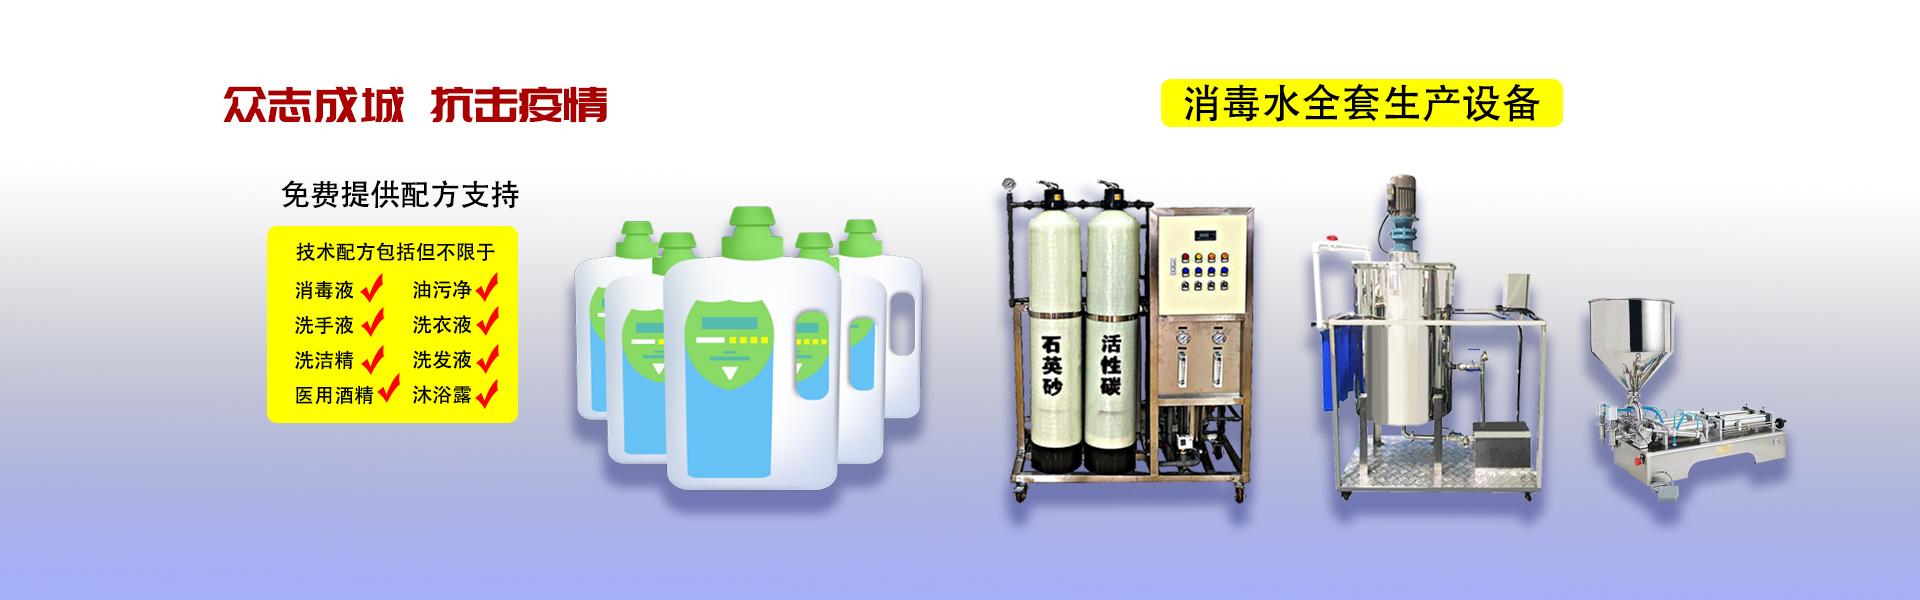 金泰瀛-超声波工业清洗方案供应商